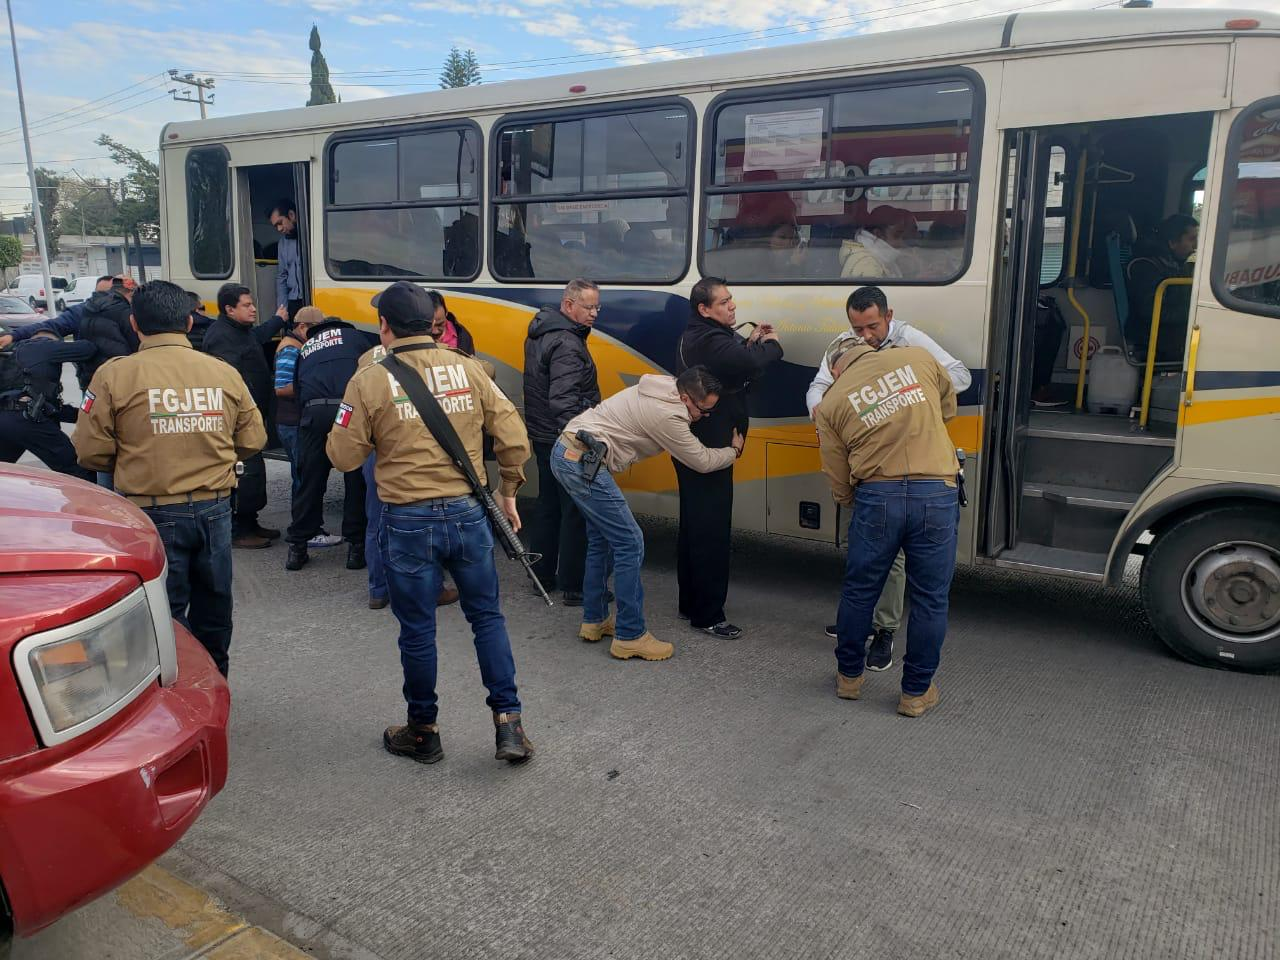 OPERATIVO RASTRILLO REALIZADO EN LOS MUNICIPIOS DE TULTITLÁN Y ZUMPANGO DEJA 33 PERSONAS DETENIDAS